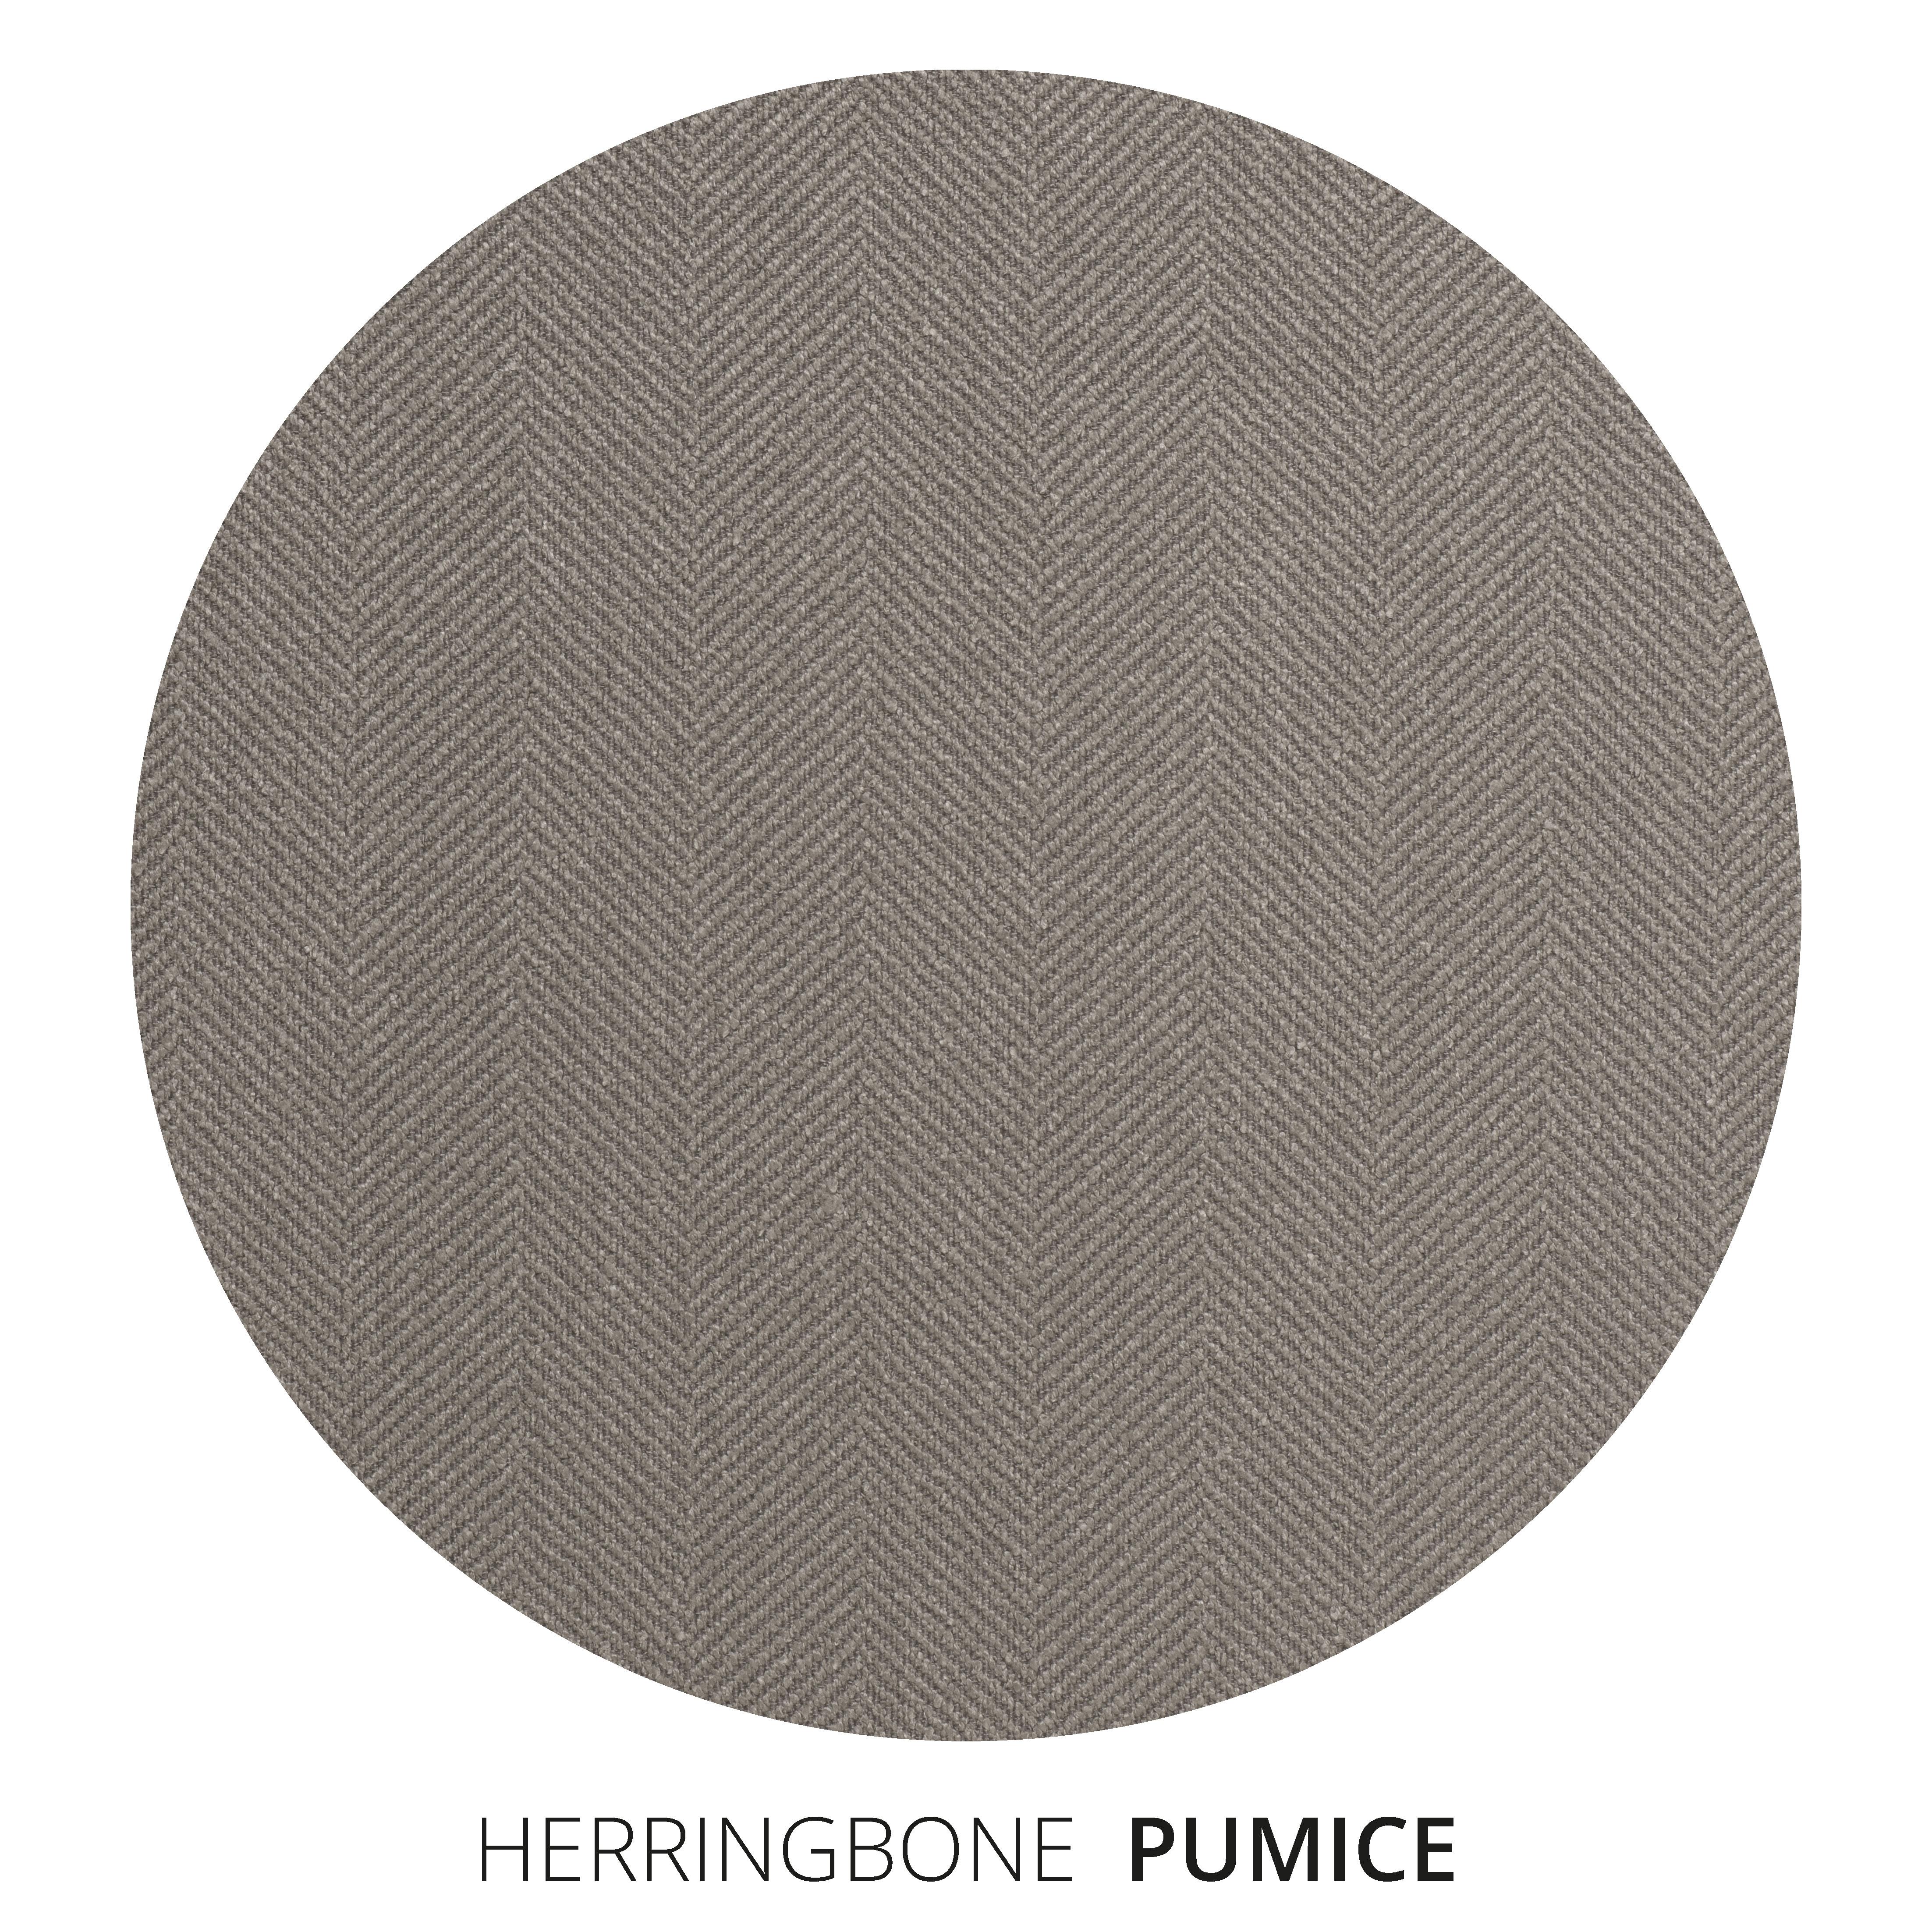 Pumice Herringbone Swatch